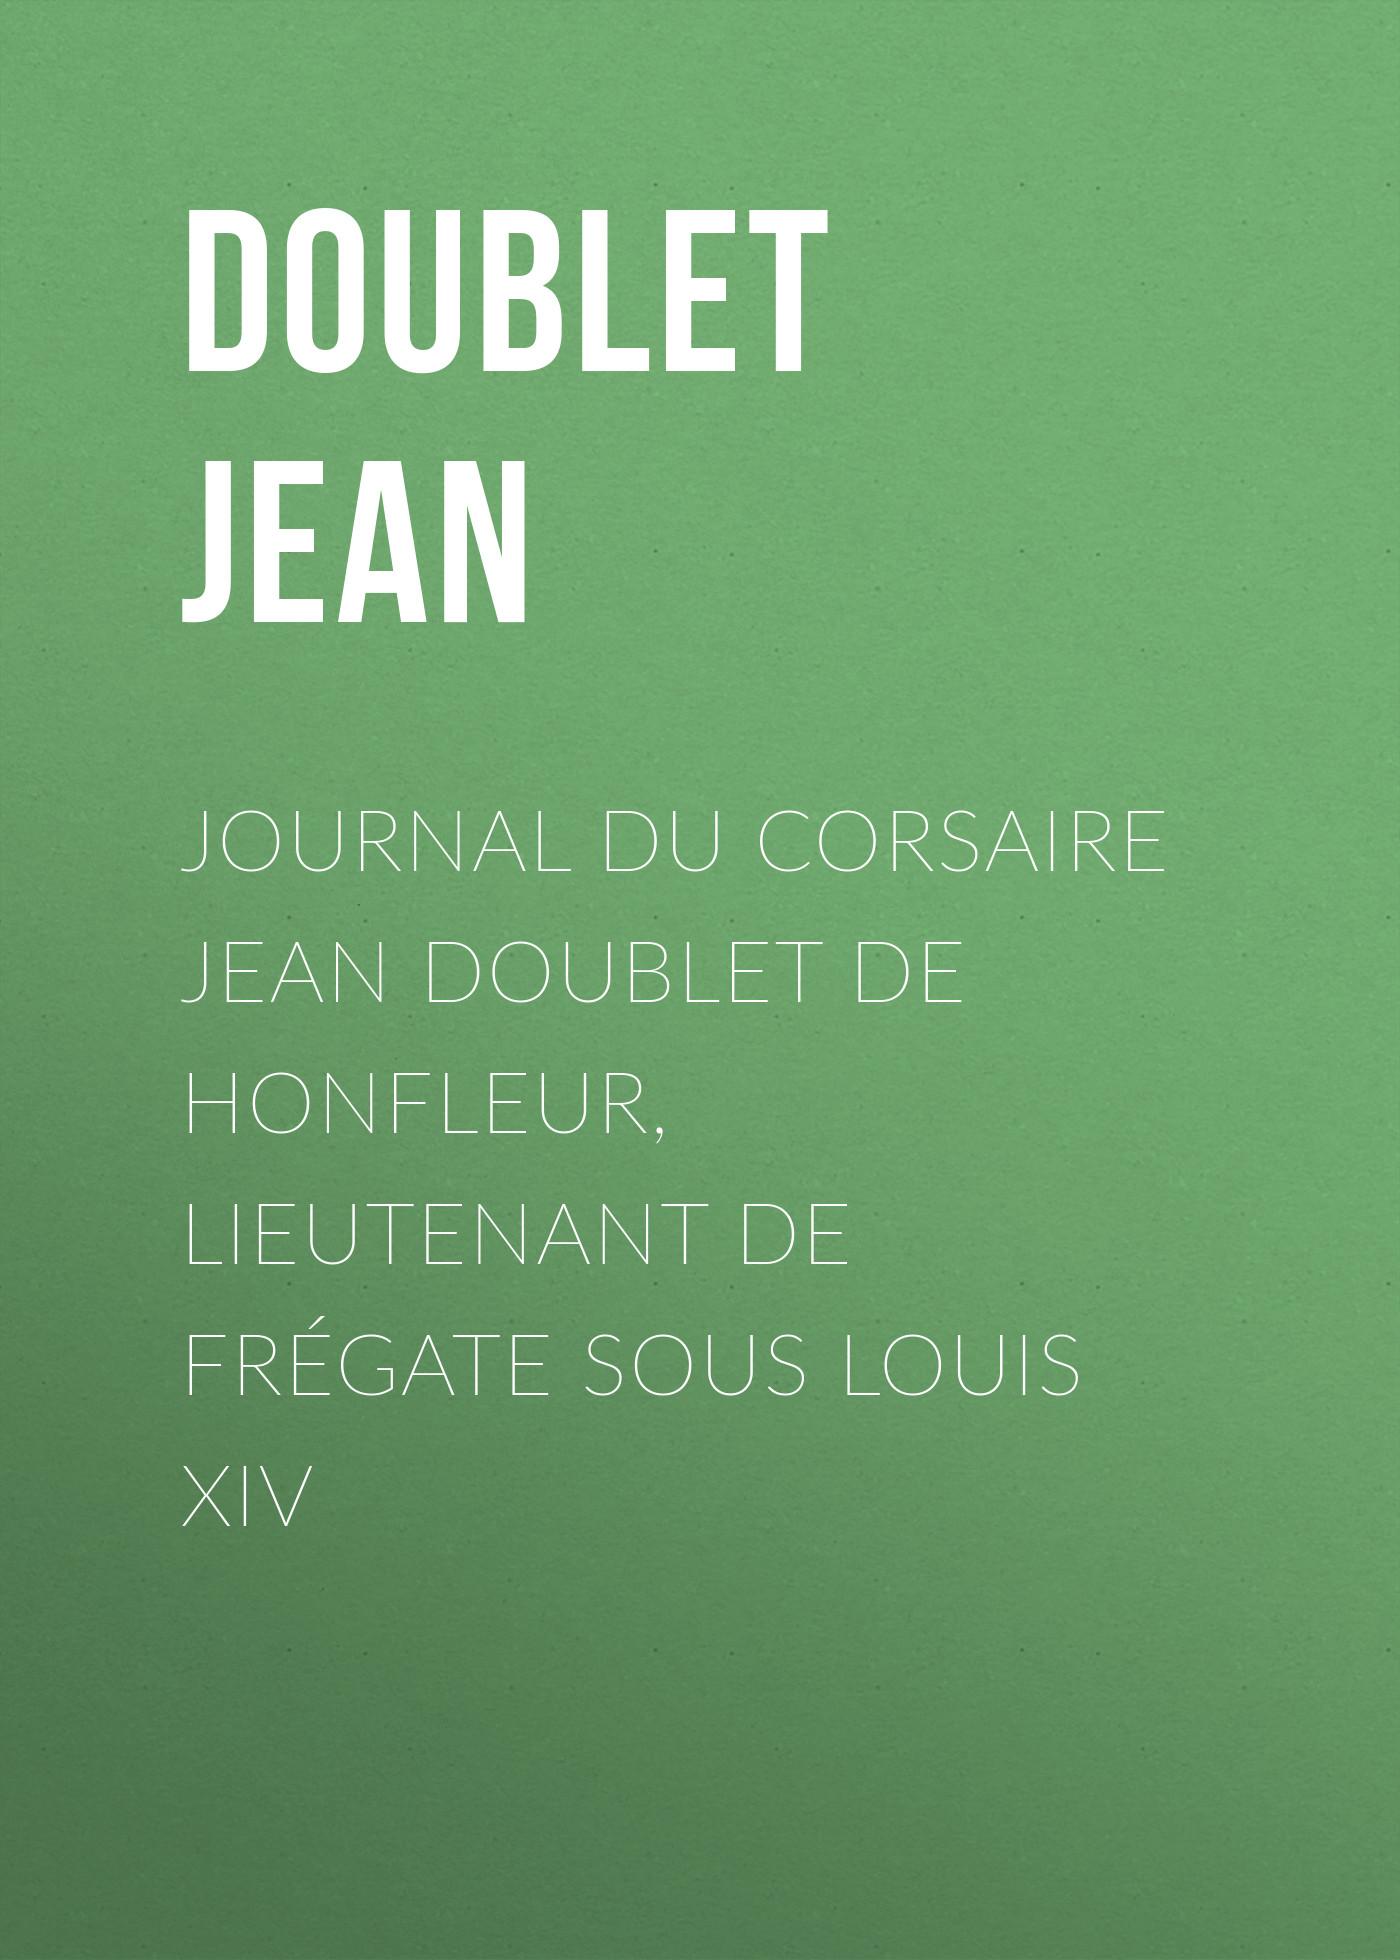 Doublet Jean Journal du corsaire Jean Doublet de Honfleur, lieutenant de frégate sous Louis XIV jean louis castilhon des dernieres revolutions du globe